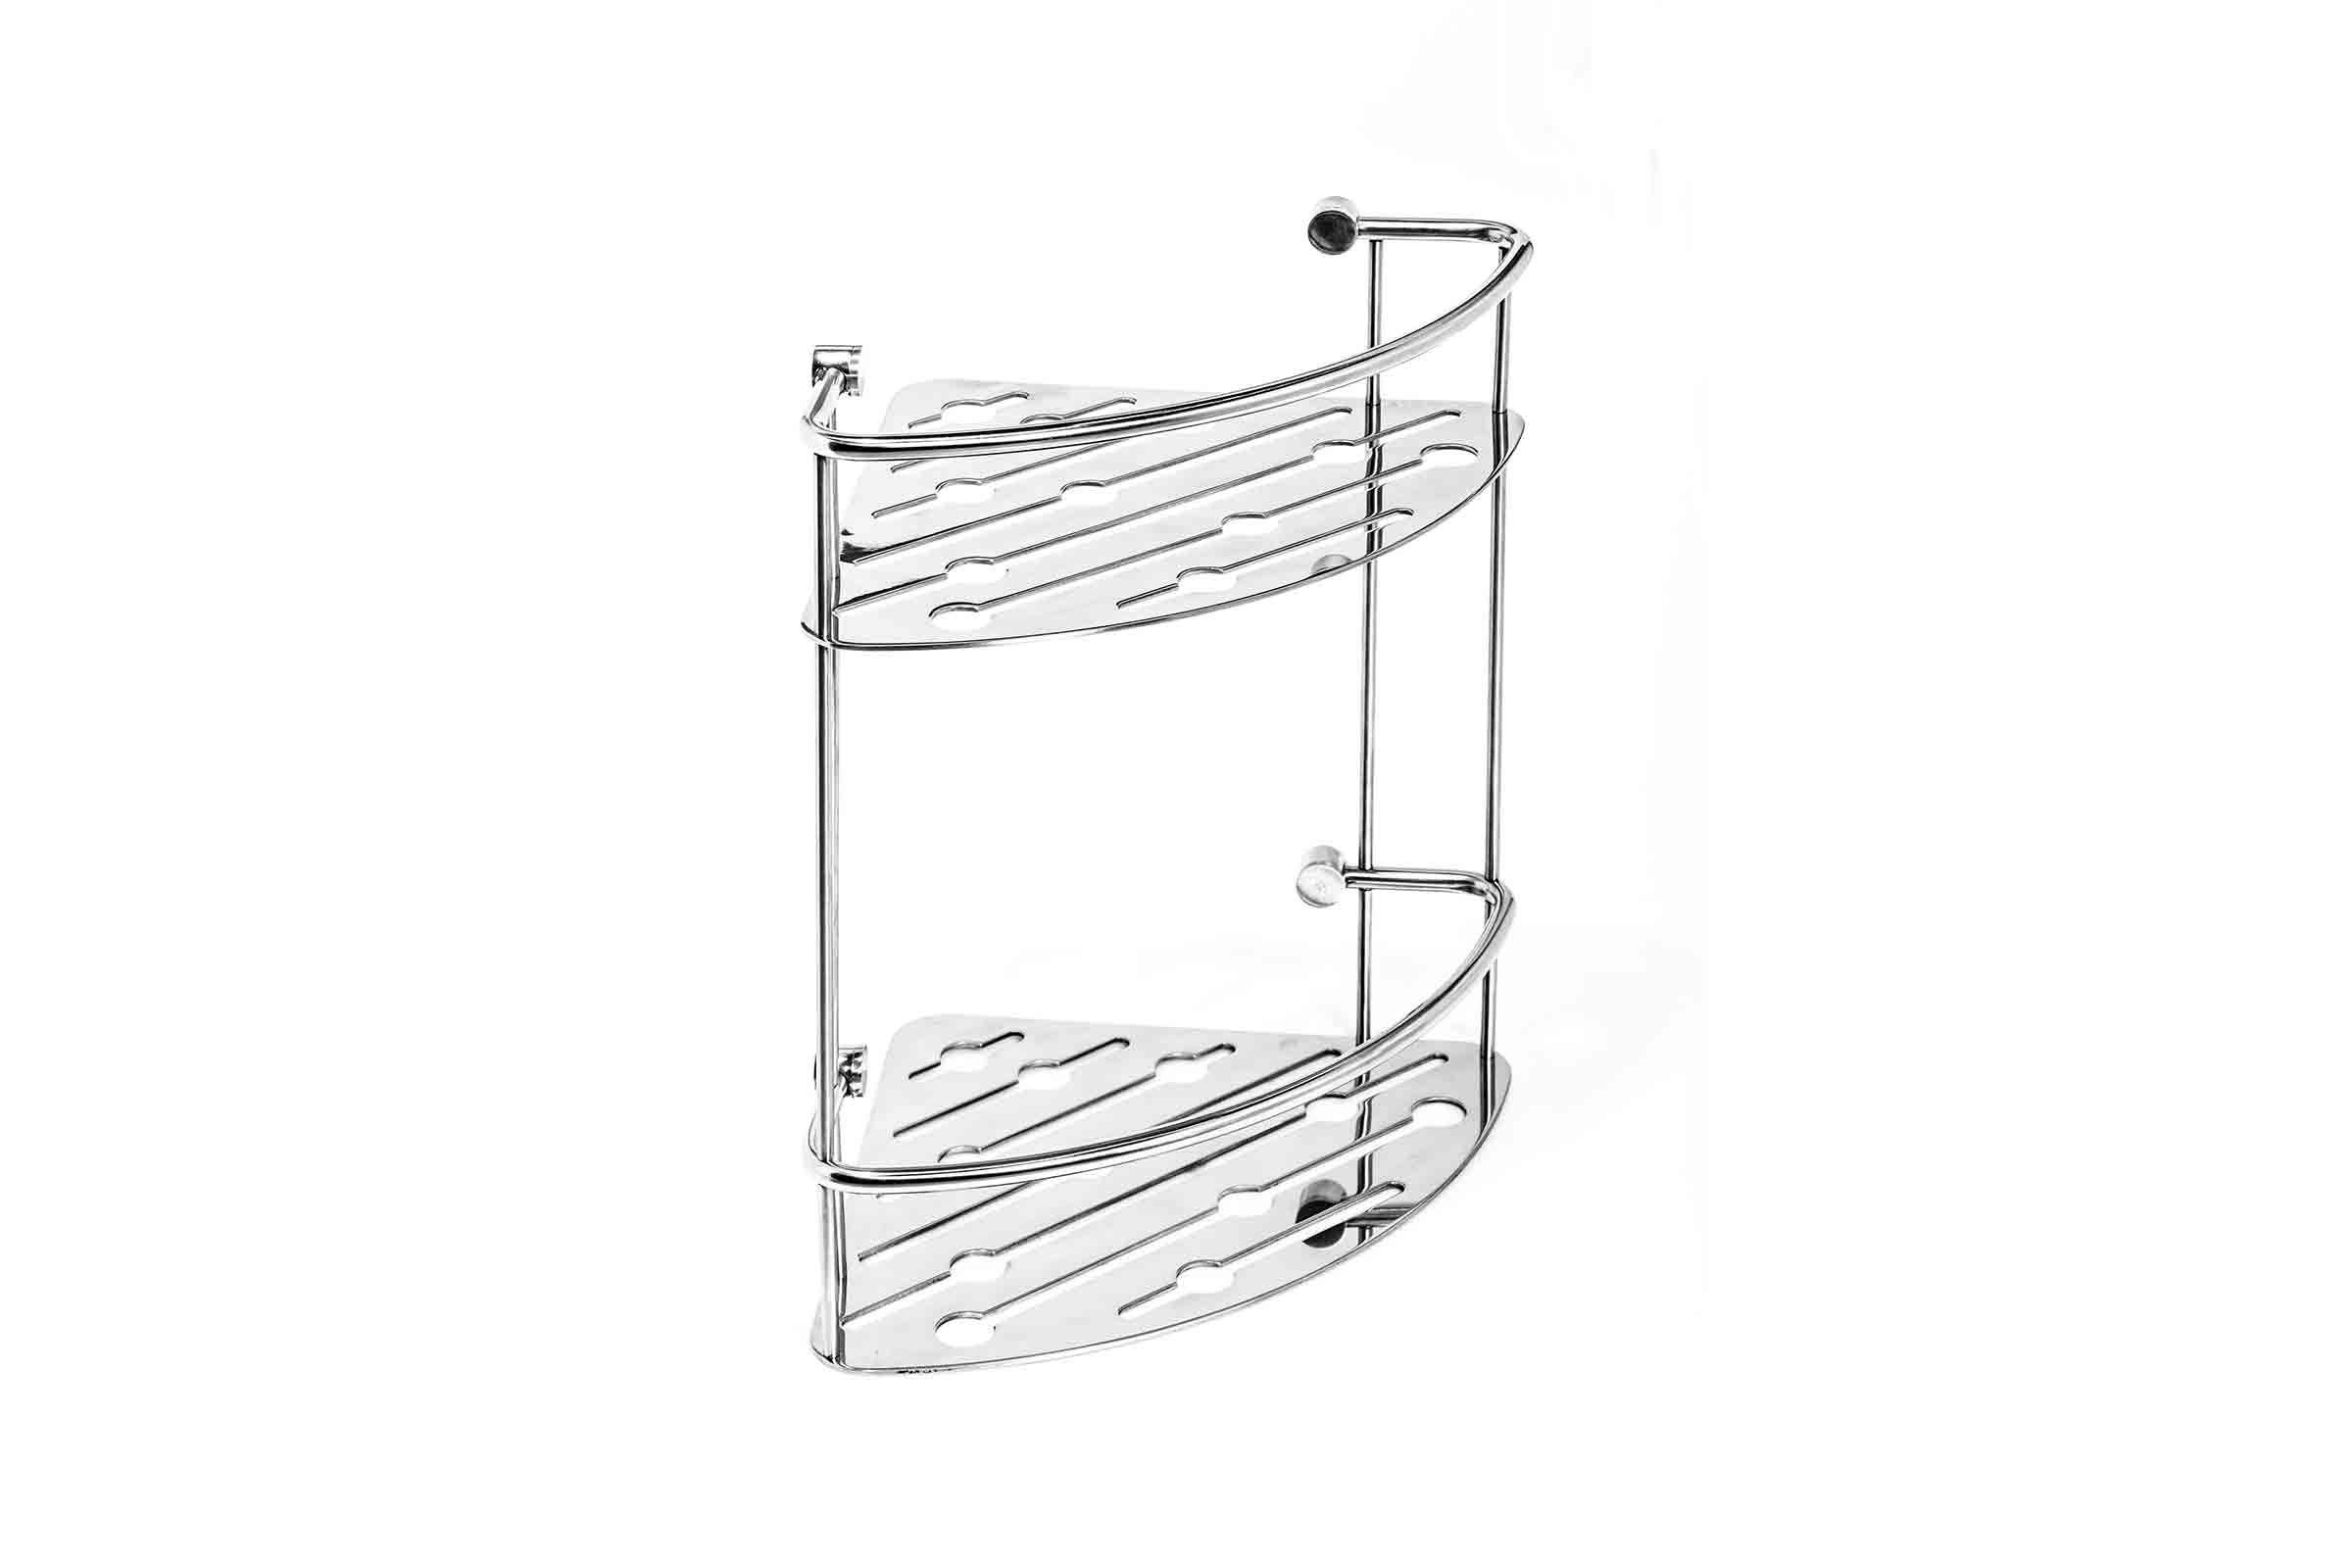 Angolare doccia accessori bagno raccordi tubi innocenti - Accessori doccia portaoggetti ...